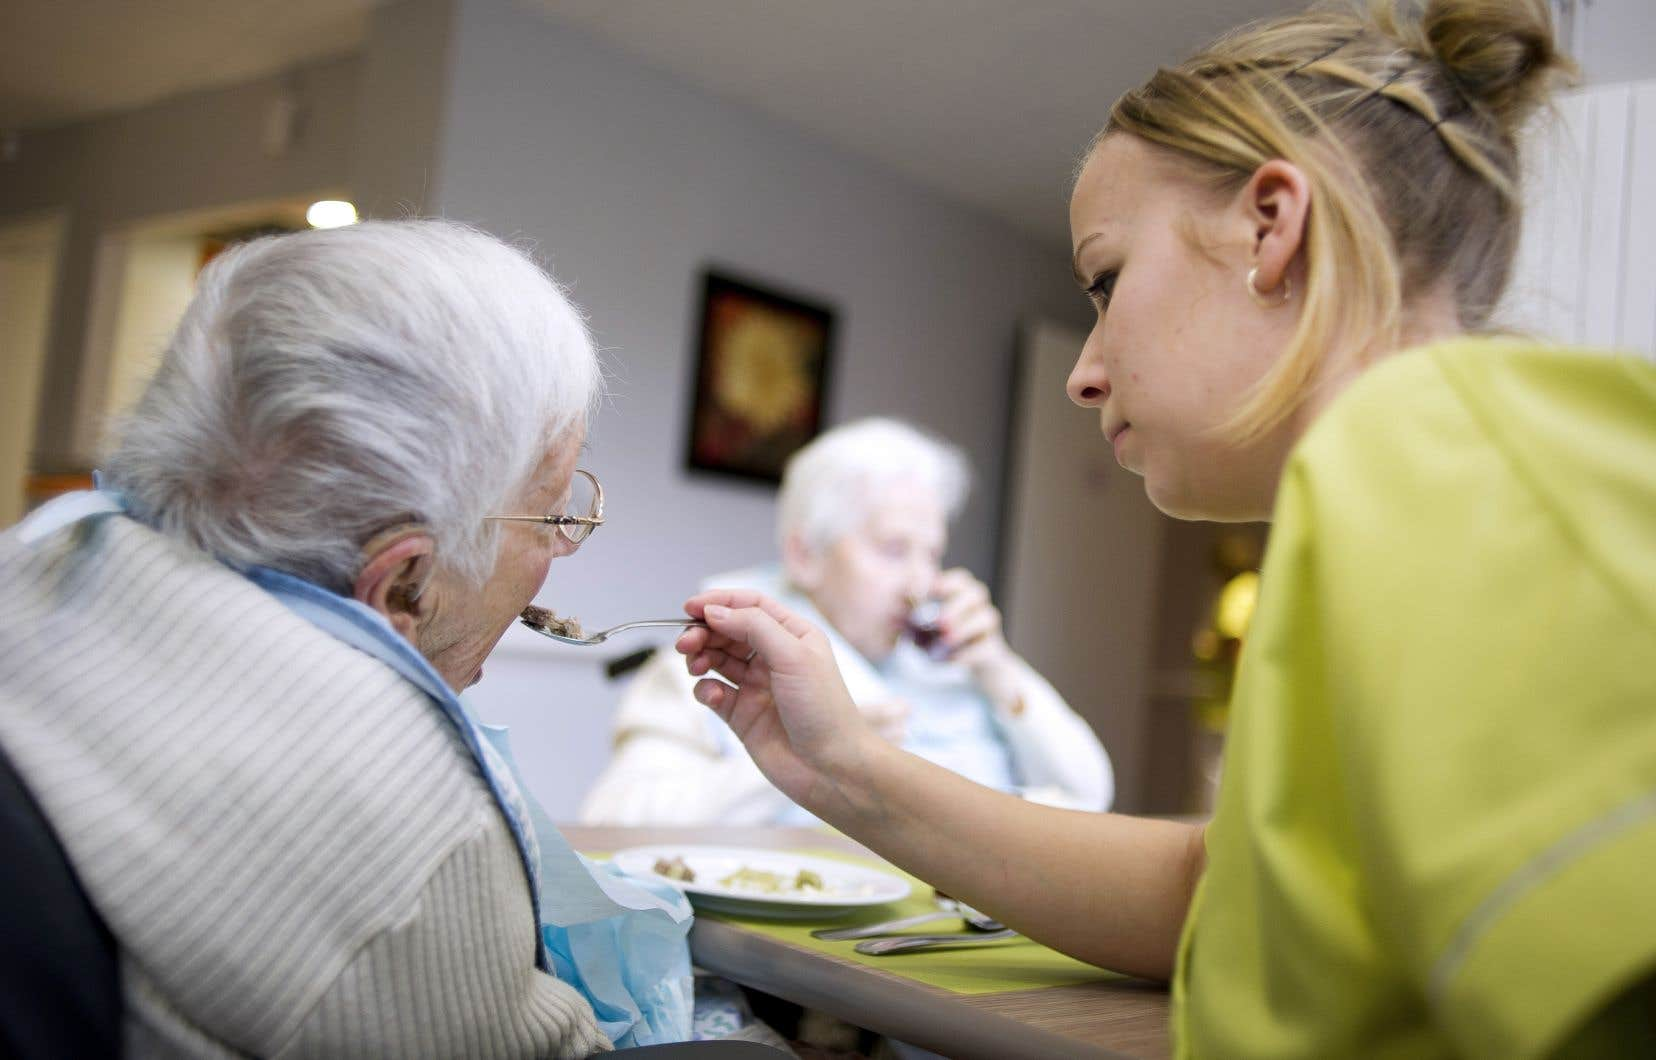 Lorsqu'on est sensible à la réalité que vivent les préposés en résidences pour aînés, on ne peut s'imaginer qu'une formation écourtée soit une solution viable, estime l'auteure.